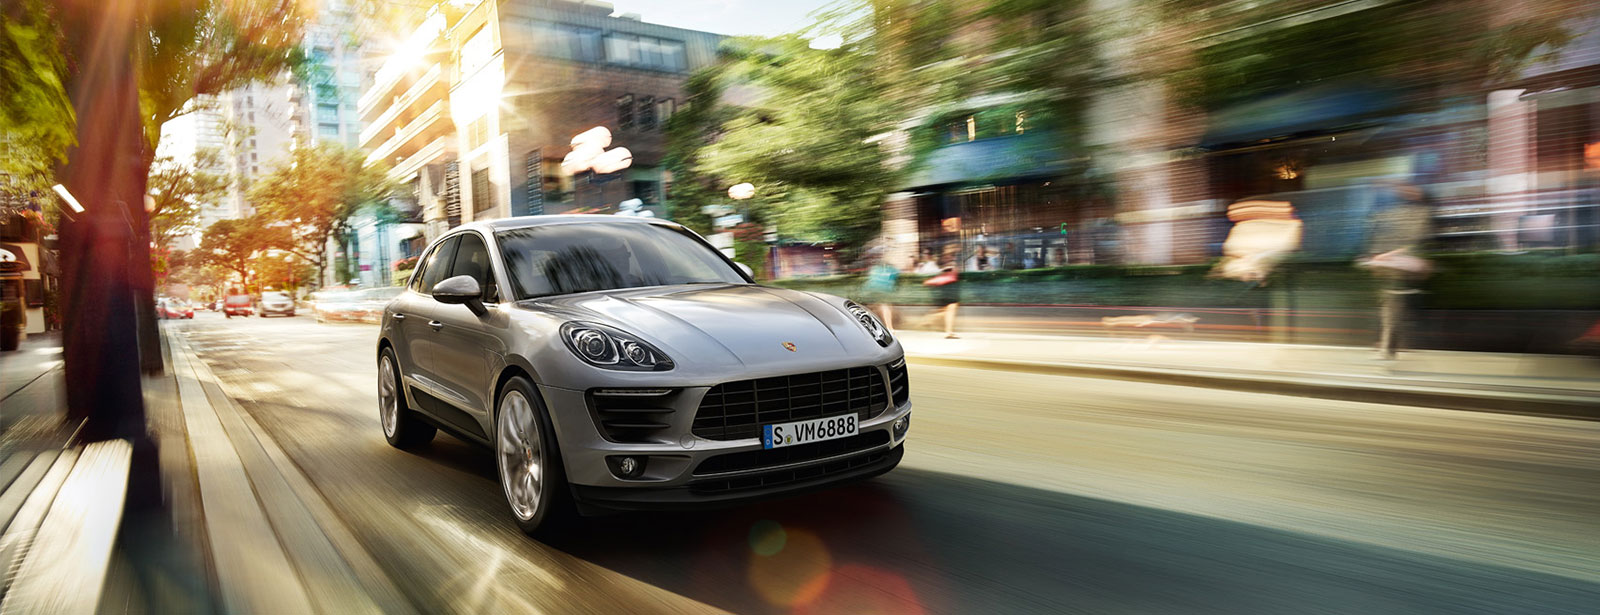 Neuwagen | Leasing | Porsche Macan